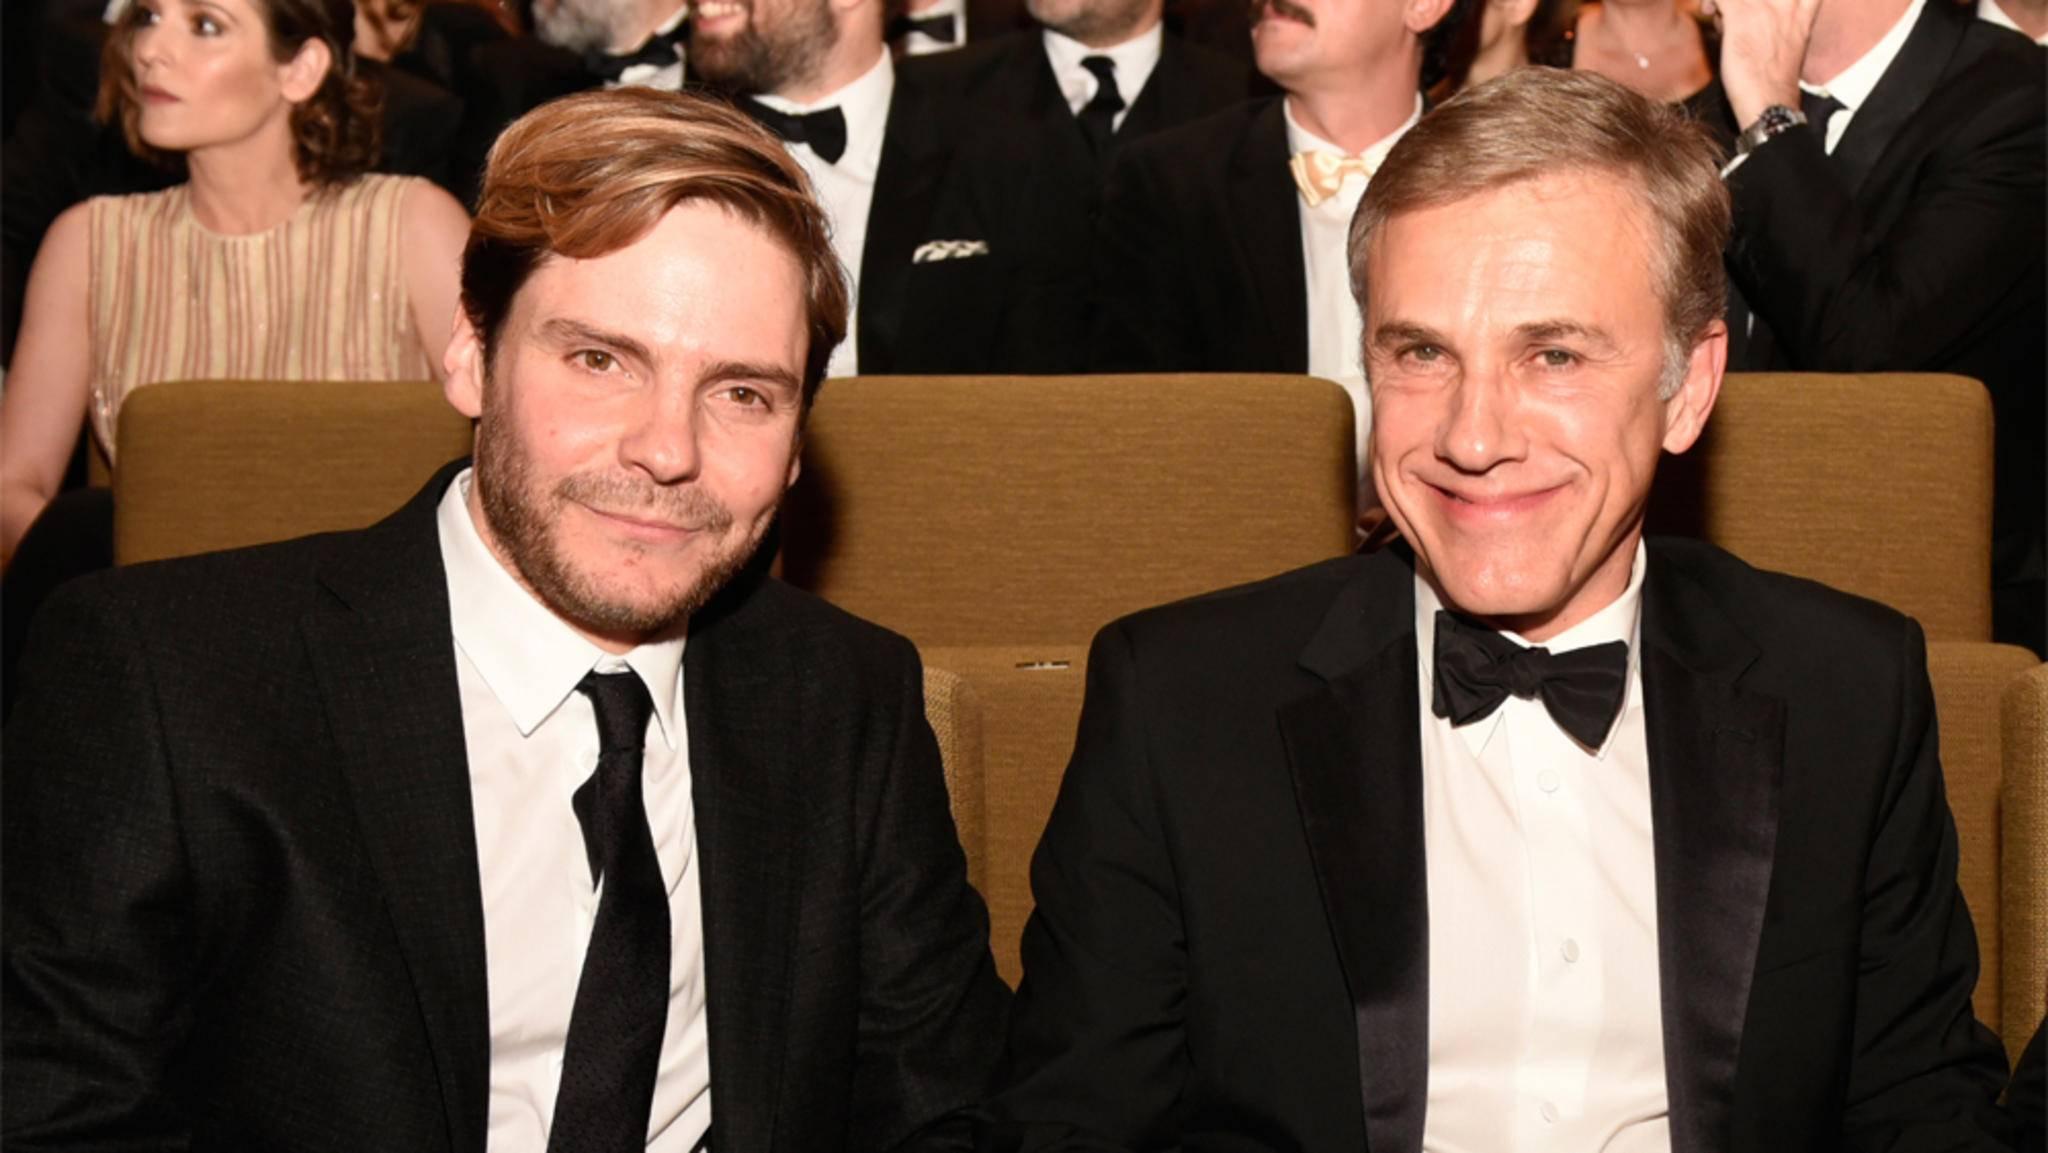 Daniel Brühl und Christoph Waltz sind in der A-Riege von Hollywood angekommen.